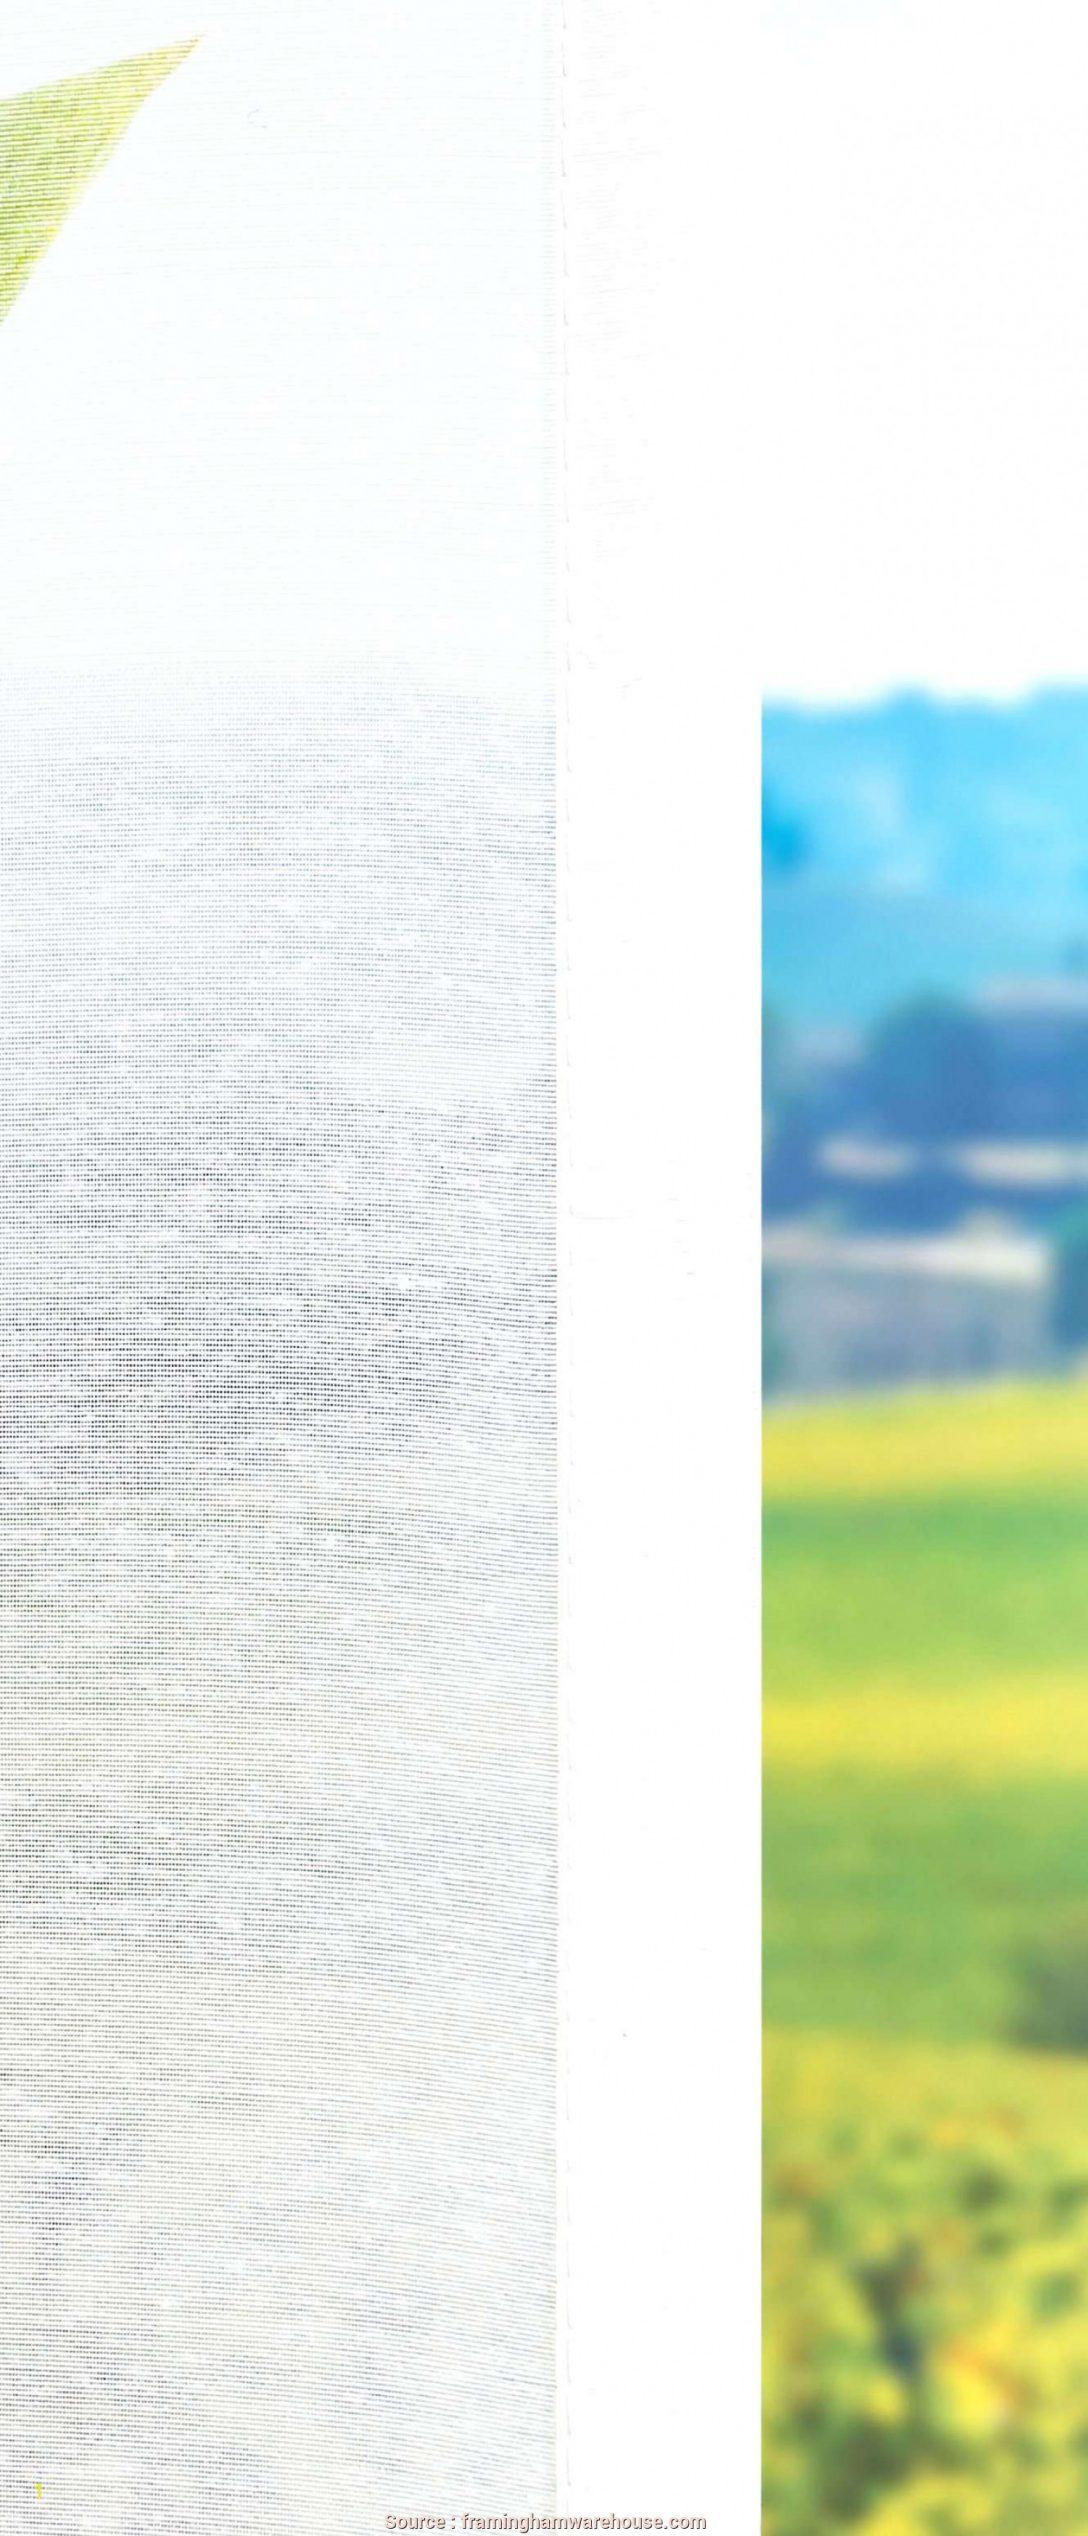 Large Size of Ikea Stoffe Sonnenschutz Sichtschutzfolien Für Fenster Betten 160x200 Küche Kaufen Kosten Sofa Mit Schlaffunktion Sichtschutz Sichtschutzfolie Garten Holz Wohnzimmer Sichtschutz Balkon Ikea